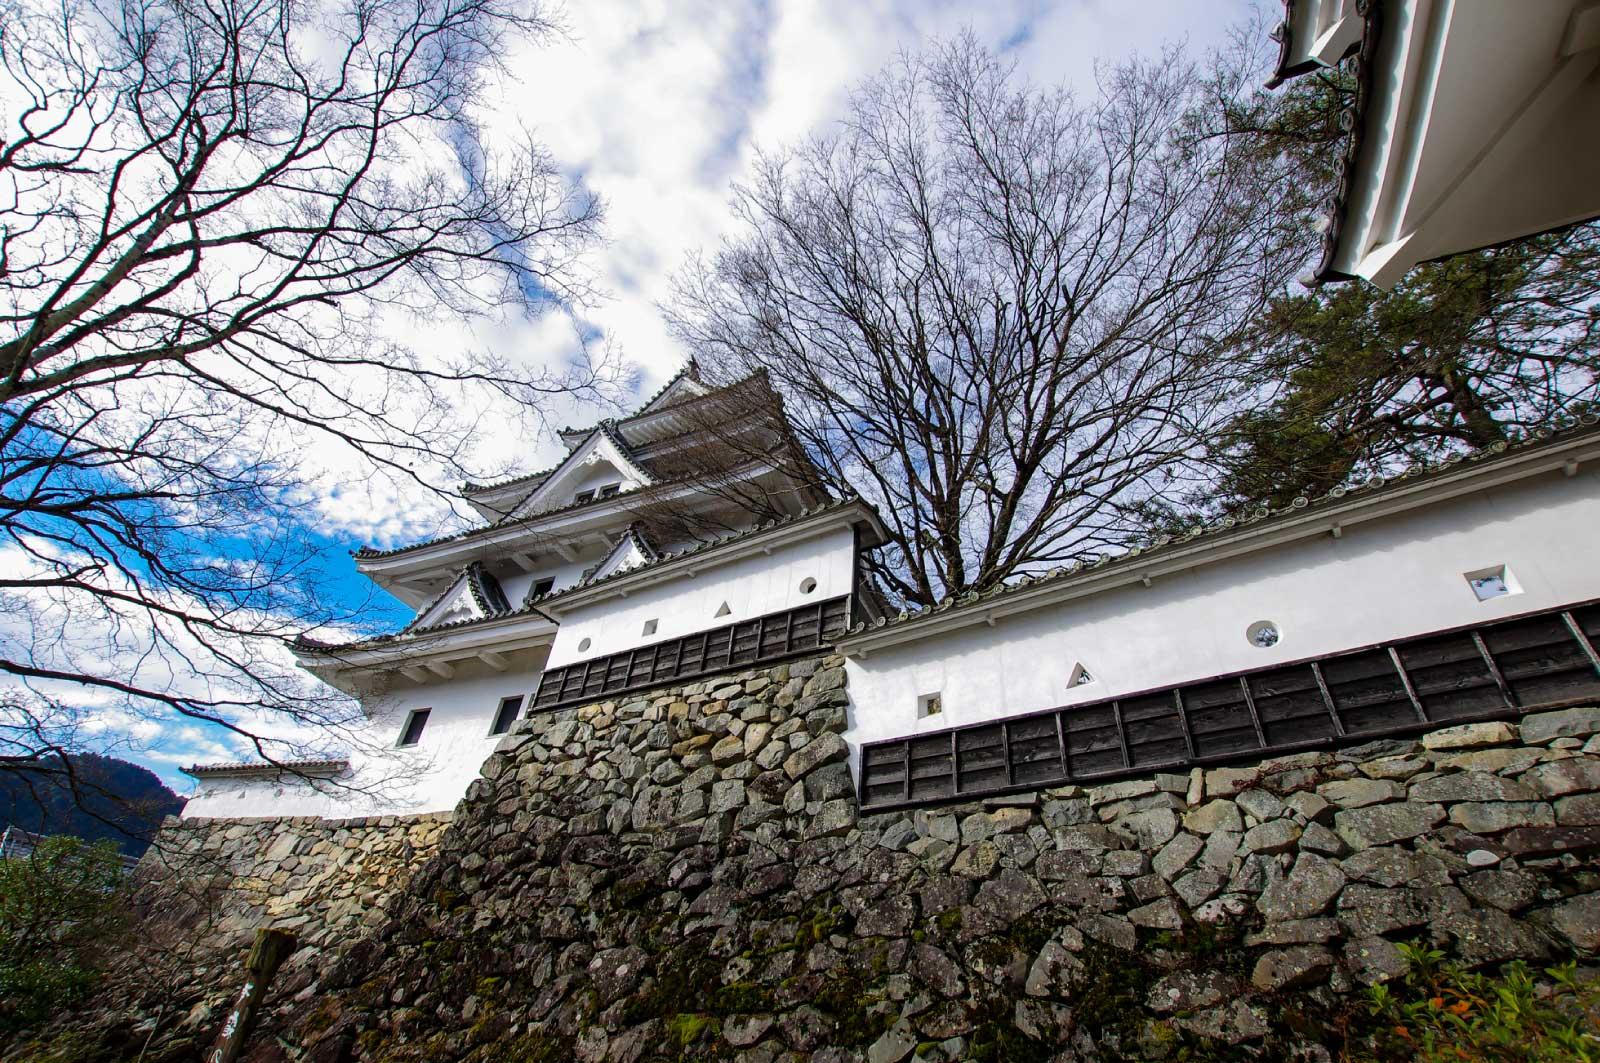 石垣は岐阜県史跡に、天守は郡上市有形文化財に指定